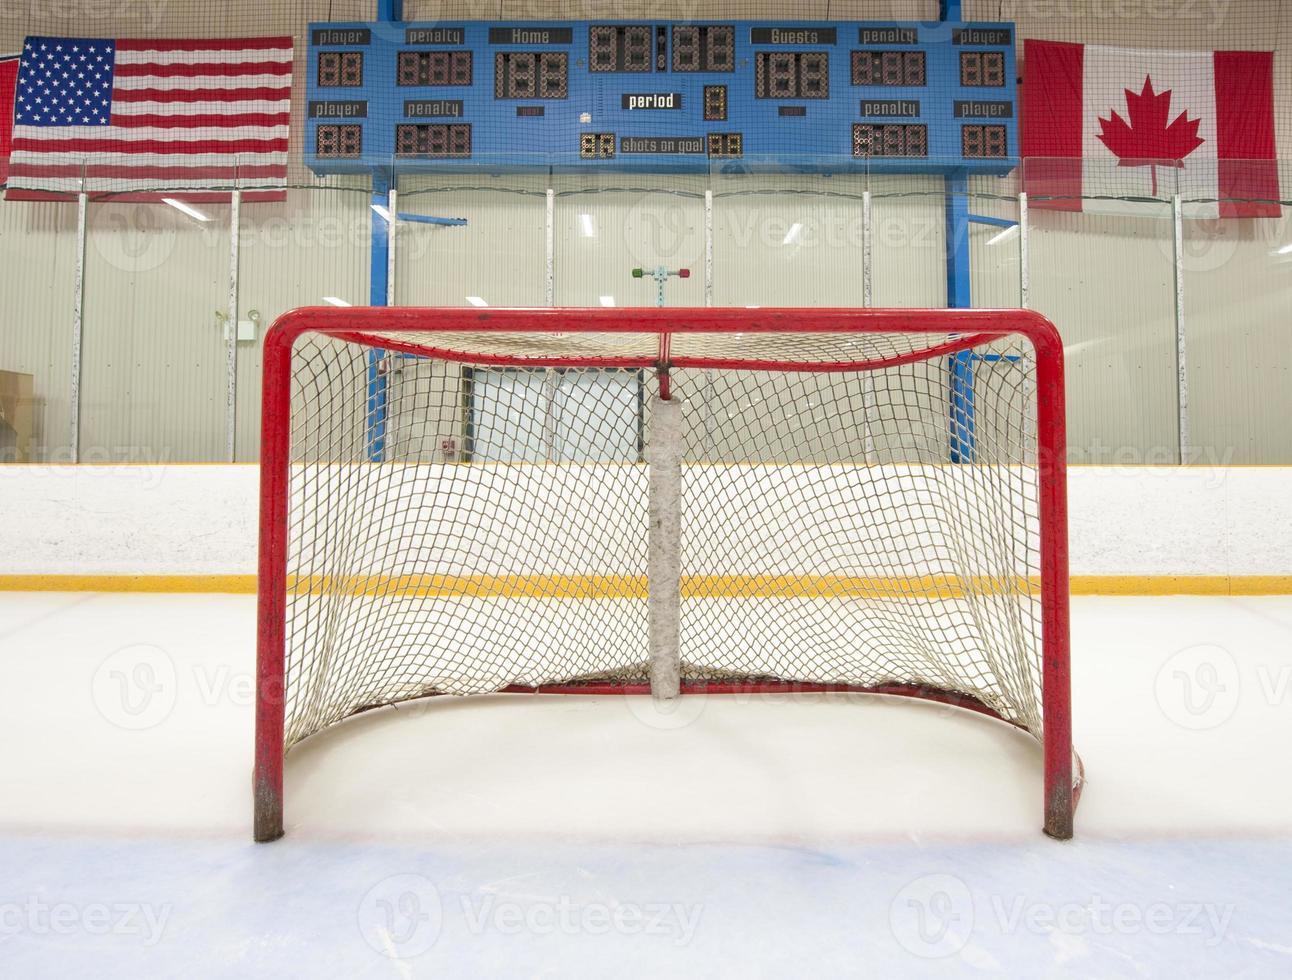 filet de hockey avec tableau d'affichage photo